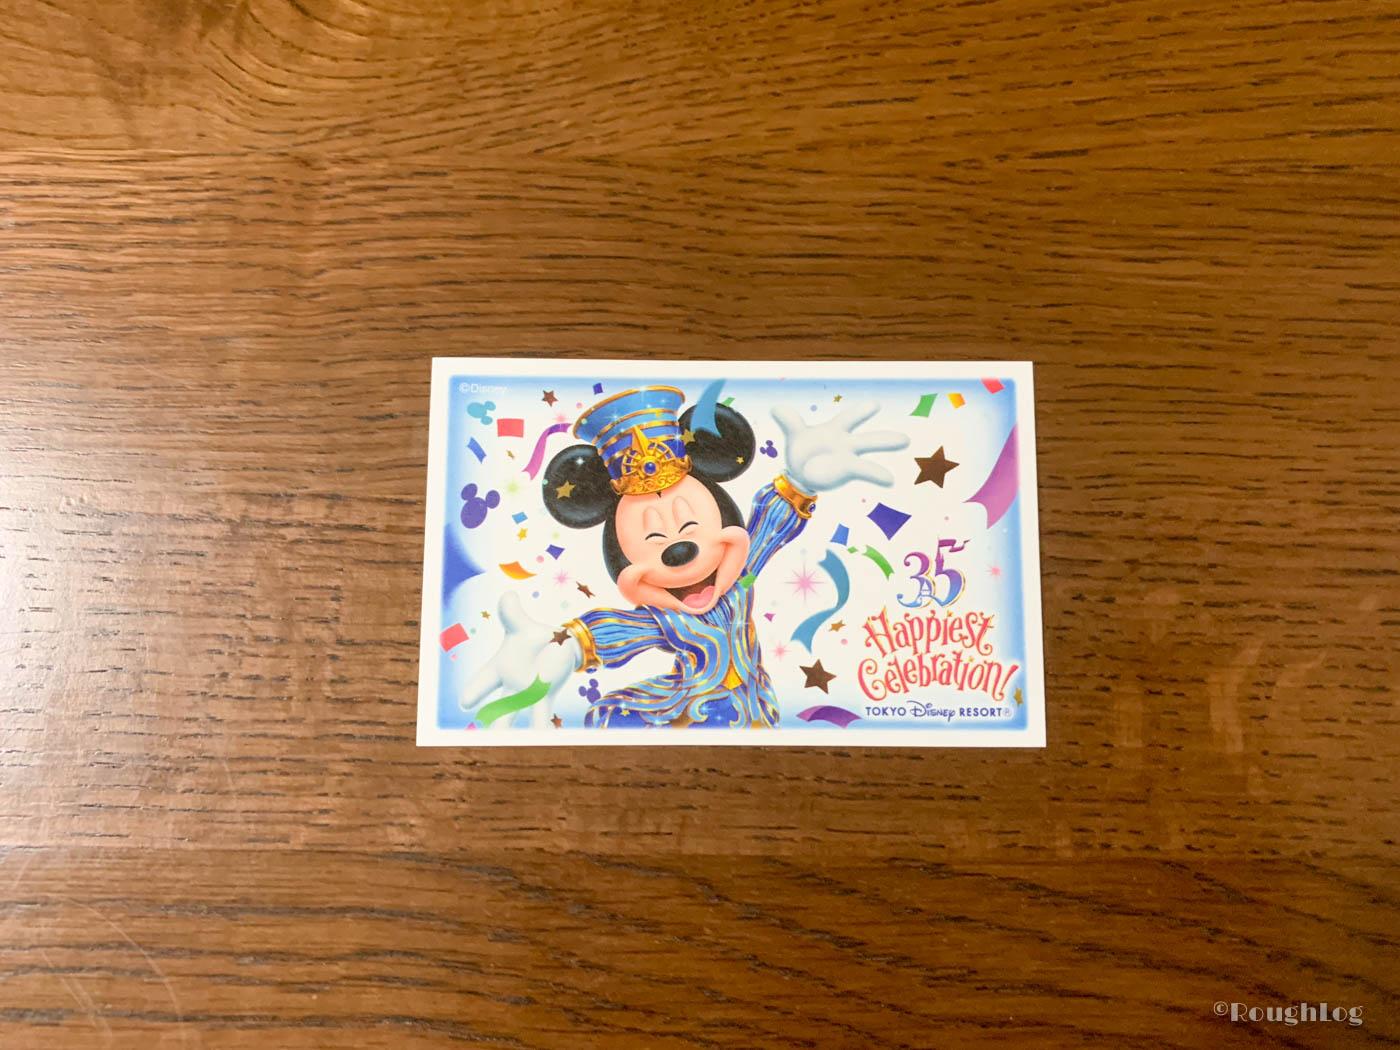 東京ディズニーリゾート(ランド・シーで使える)のチケット